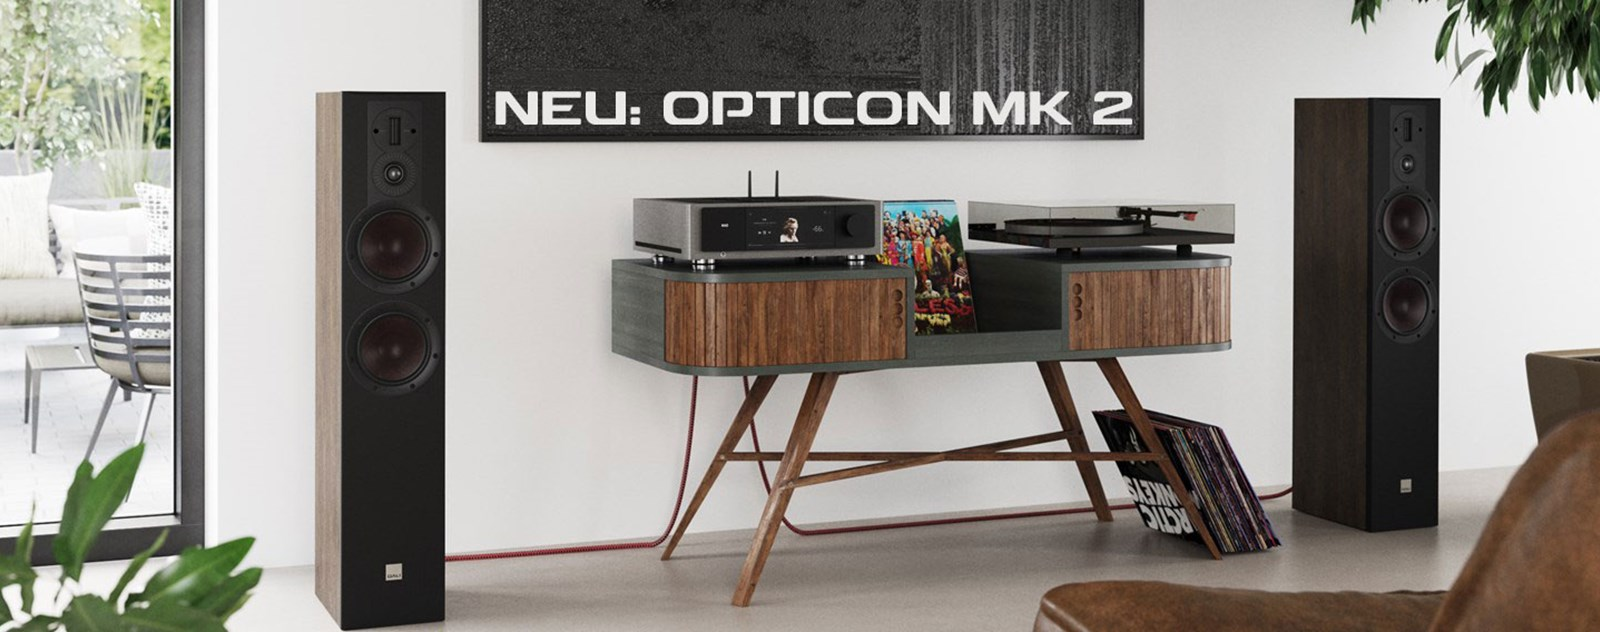 Dali Opticon Mk2 Homepage De